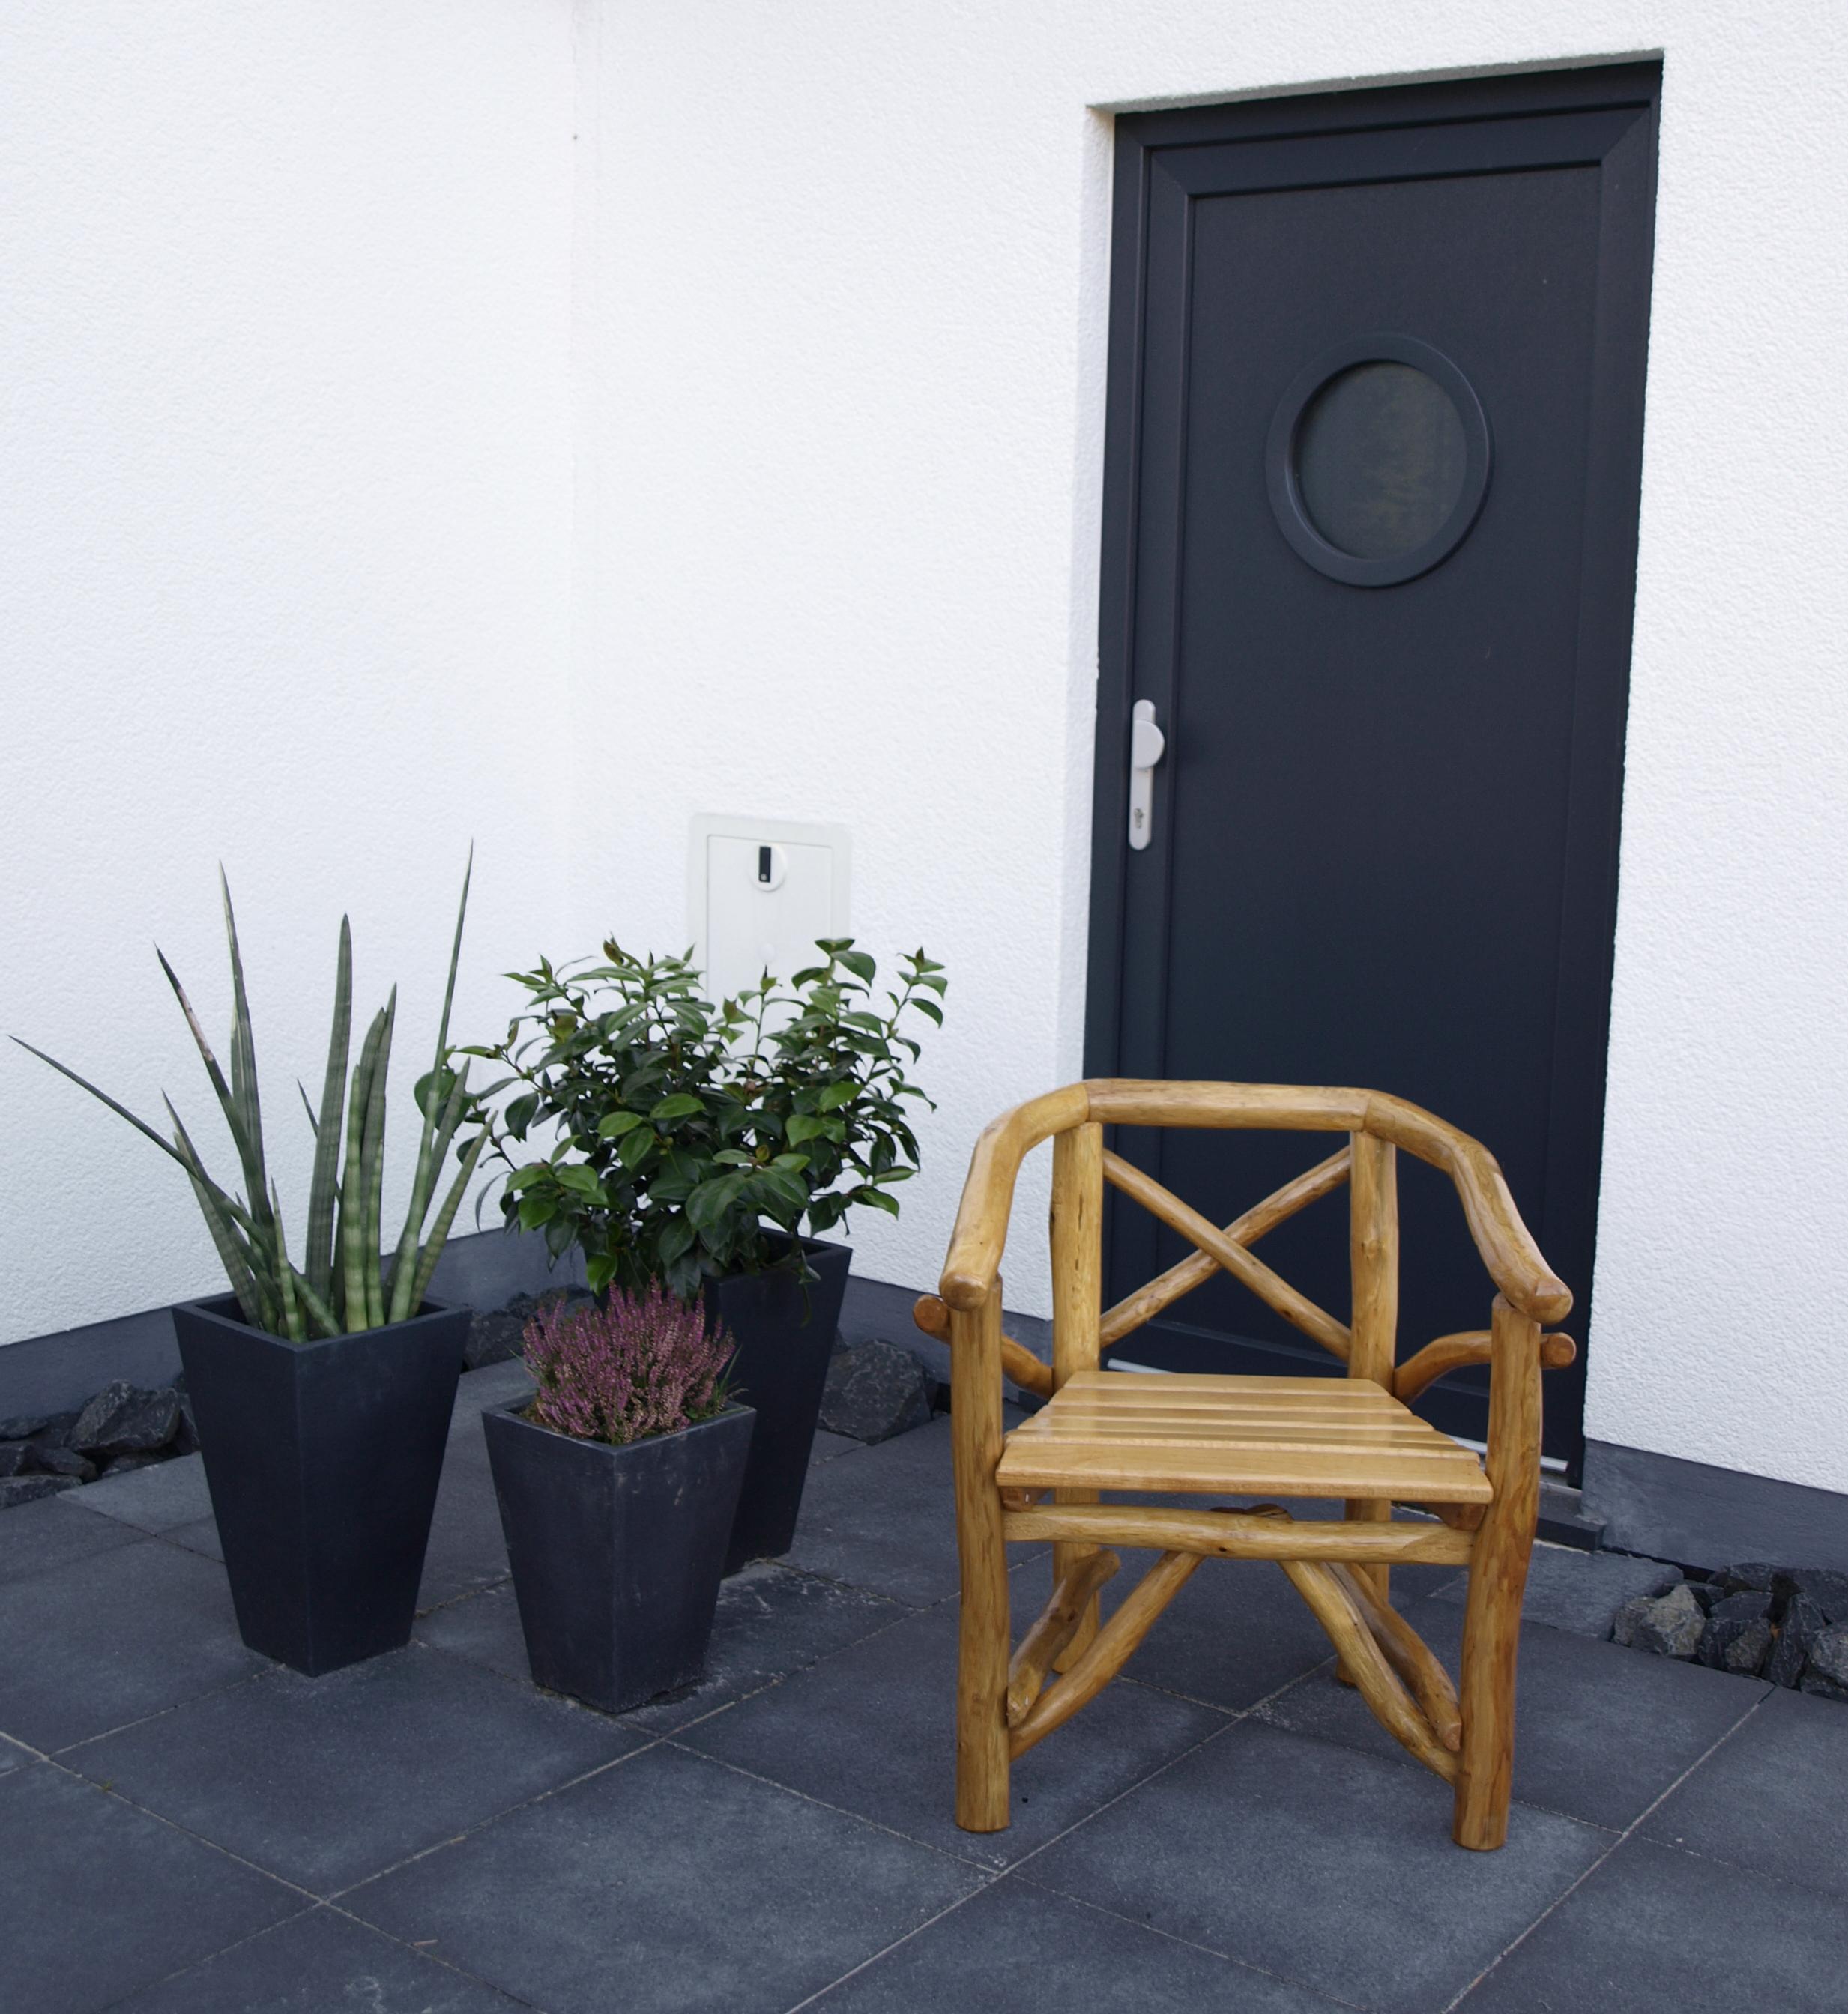 Hochbeet Stein Bauhaus : Pfeiffer Knüppelholz Sessel Holzsessel Knüppelholzsessel ROSSBACHTAL